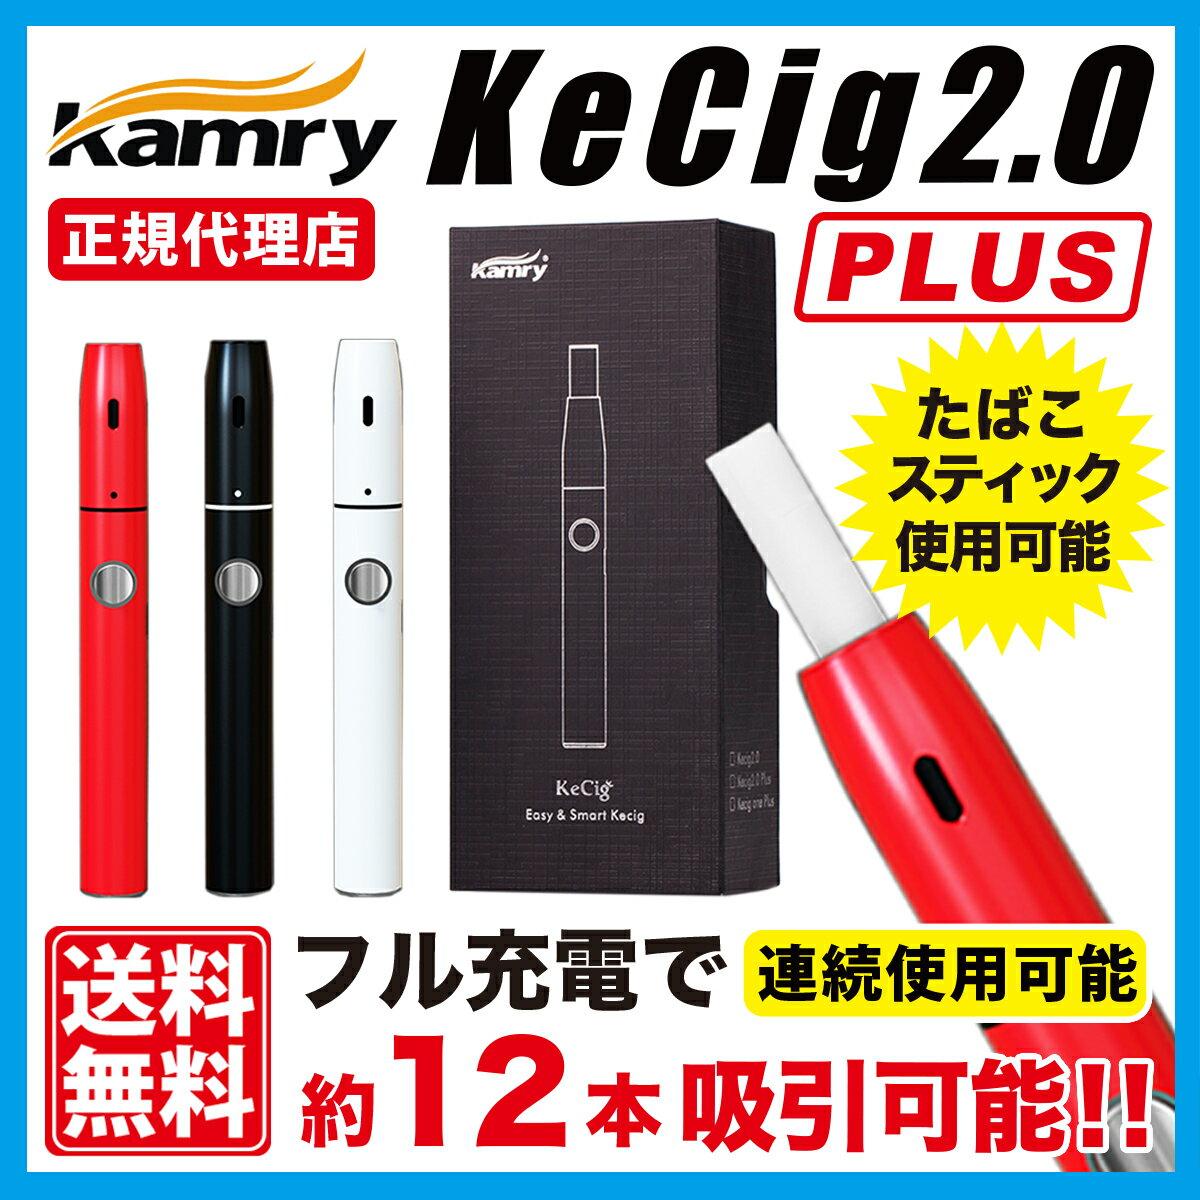 電子タバコ Kamry Kecig 2.0 plus (カムリ ケーシグ 2.0プラス) 万能加熱式タバコ E-cig 2.0 ecig アップグレードver ヴェポライザー 巻きたばこ 葉タバコ 加熱式タバコ